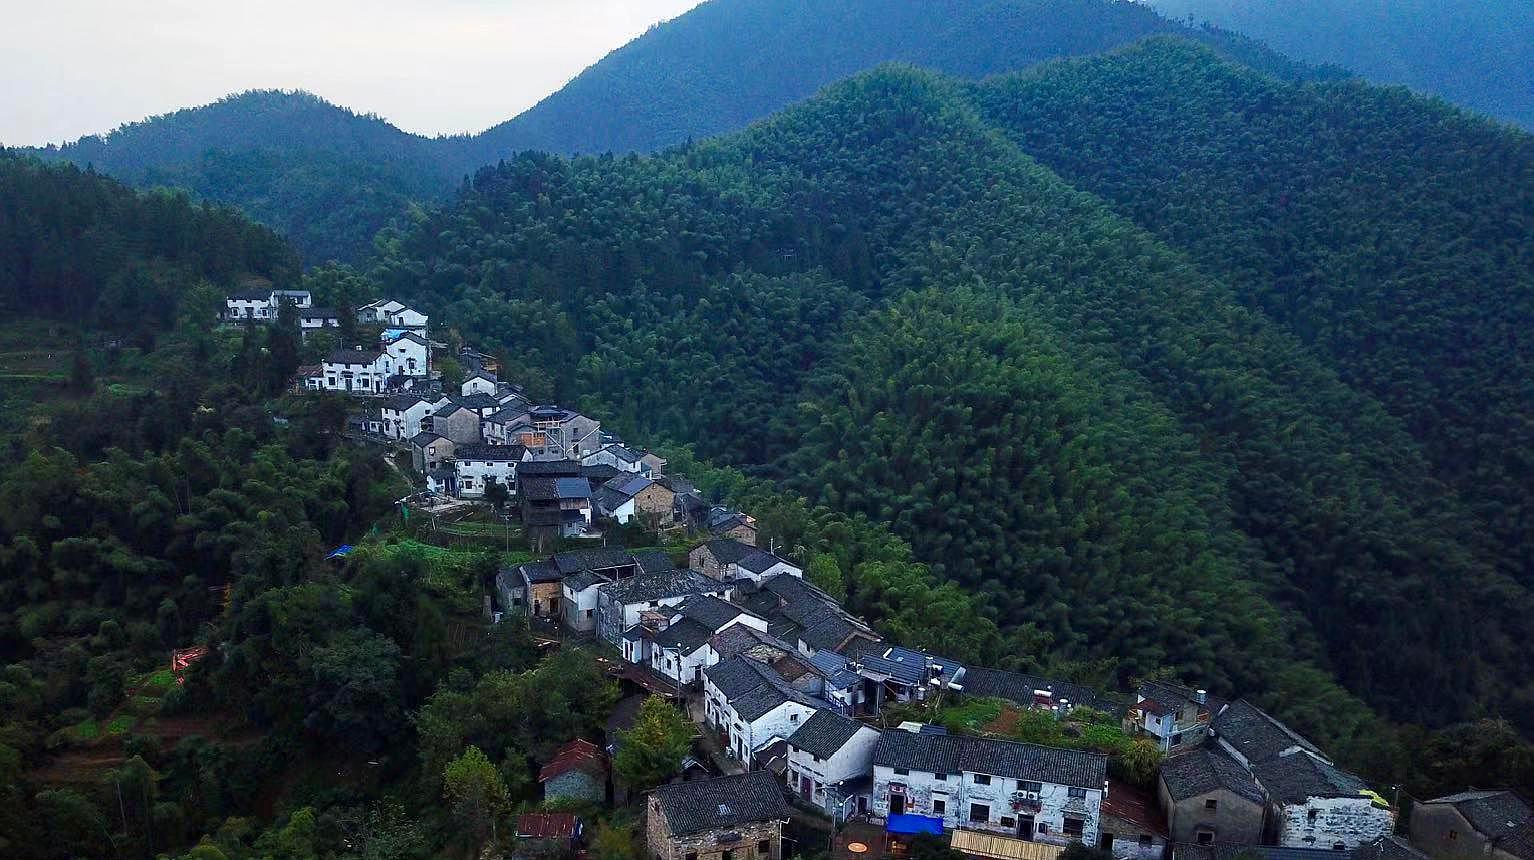 堪称安徽版的郭亮村,现在已经被很多人知道,再过两年就人挤人了